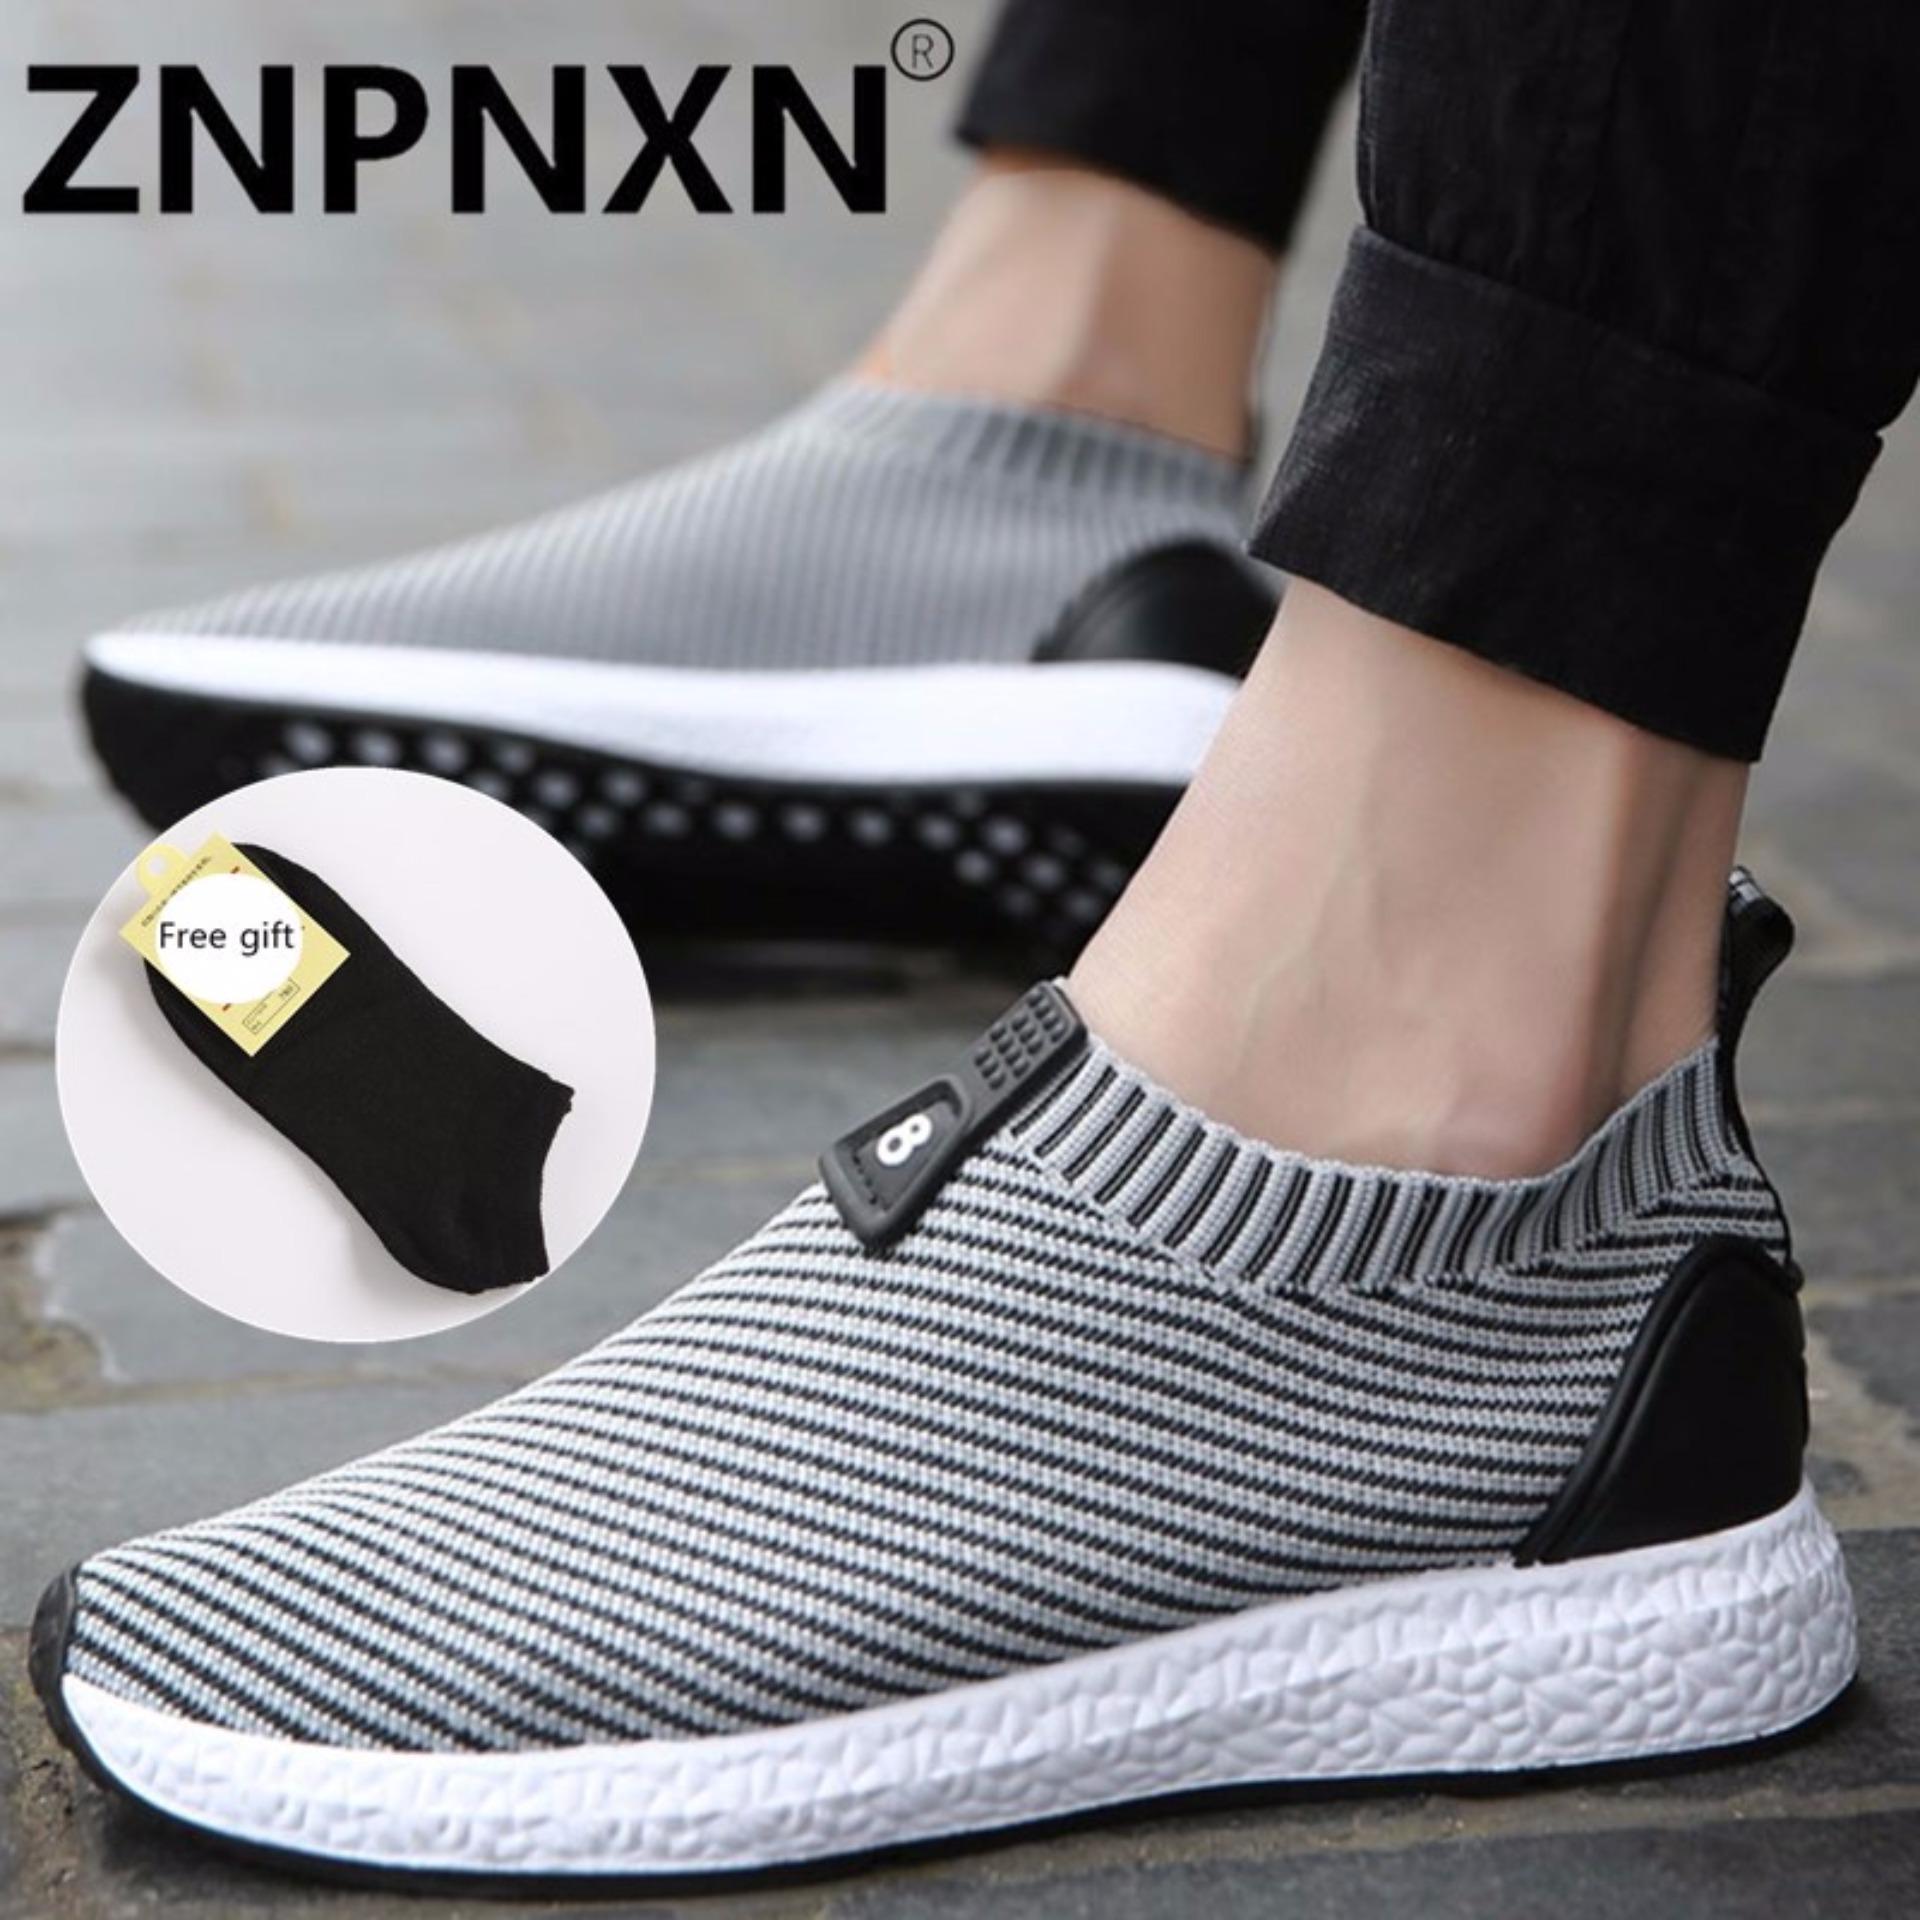 Harga Znpnxn Kaus Menjalankan Sepatu Untuk Pria Mesh Bernapas Olahraga Sepatu Sneakers Pria Kenyamanan Cahaya Sepatu Olahraga Grey Intl Yang Murah Dan Bagus